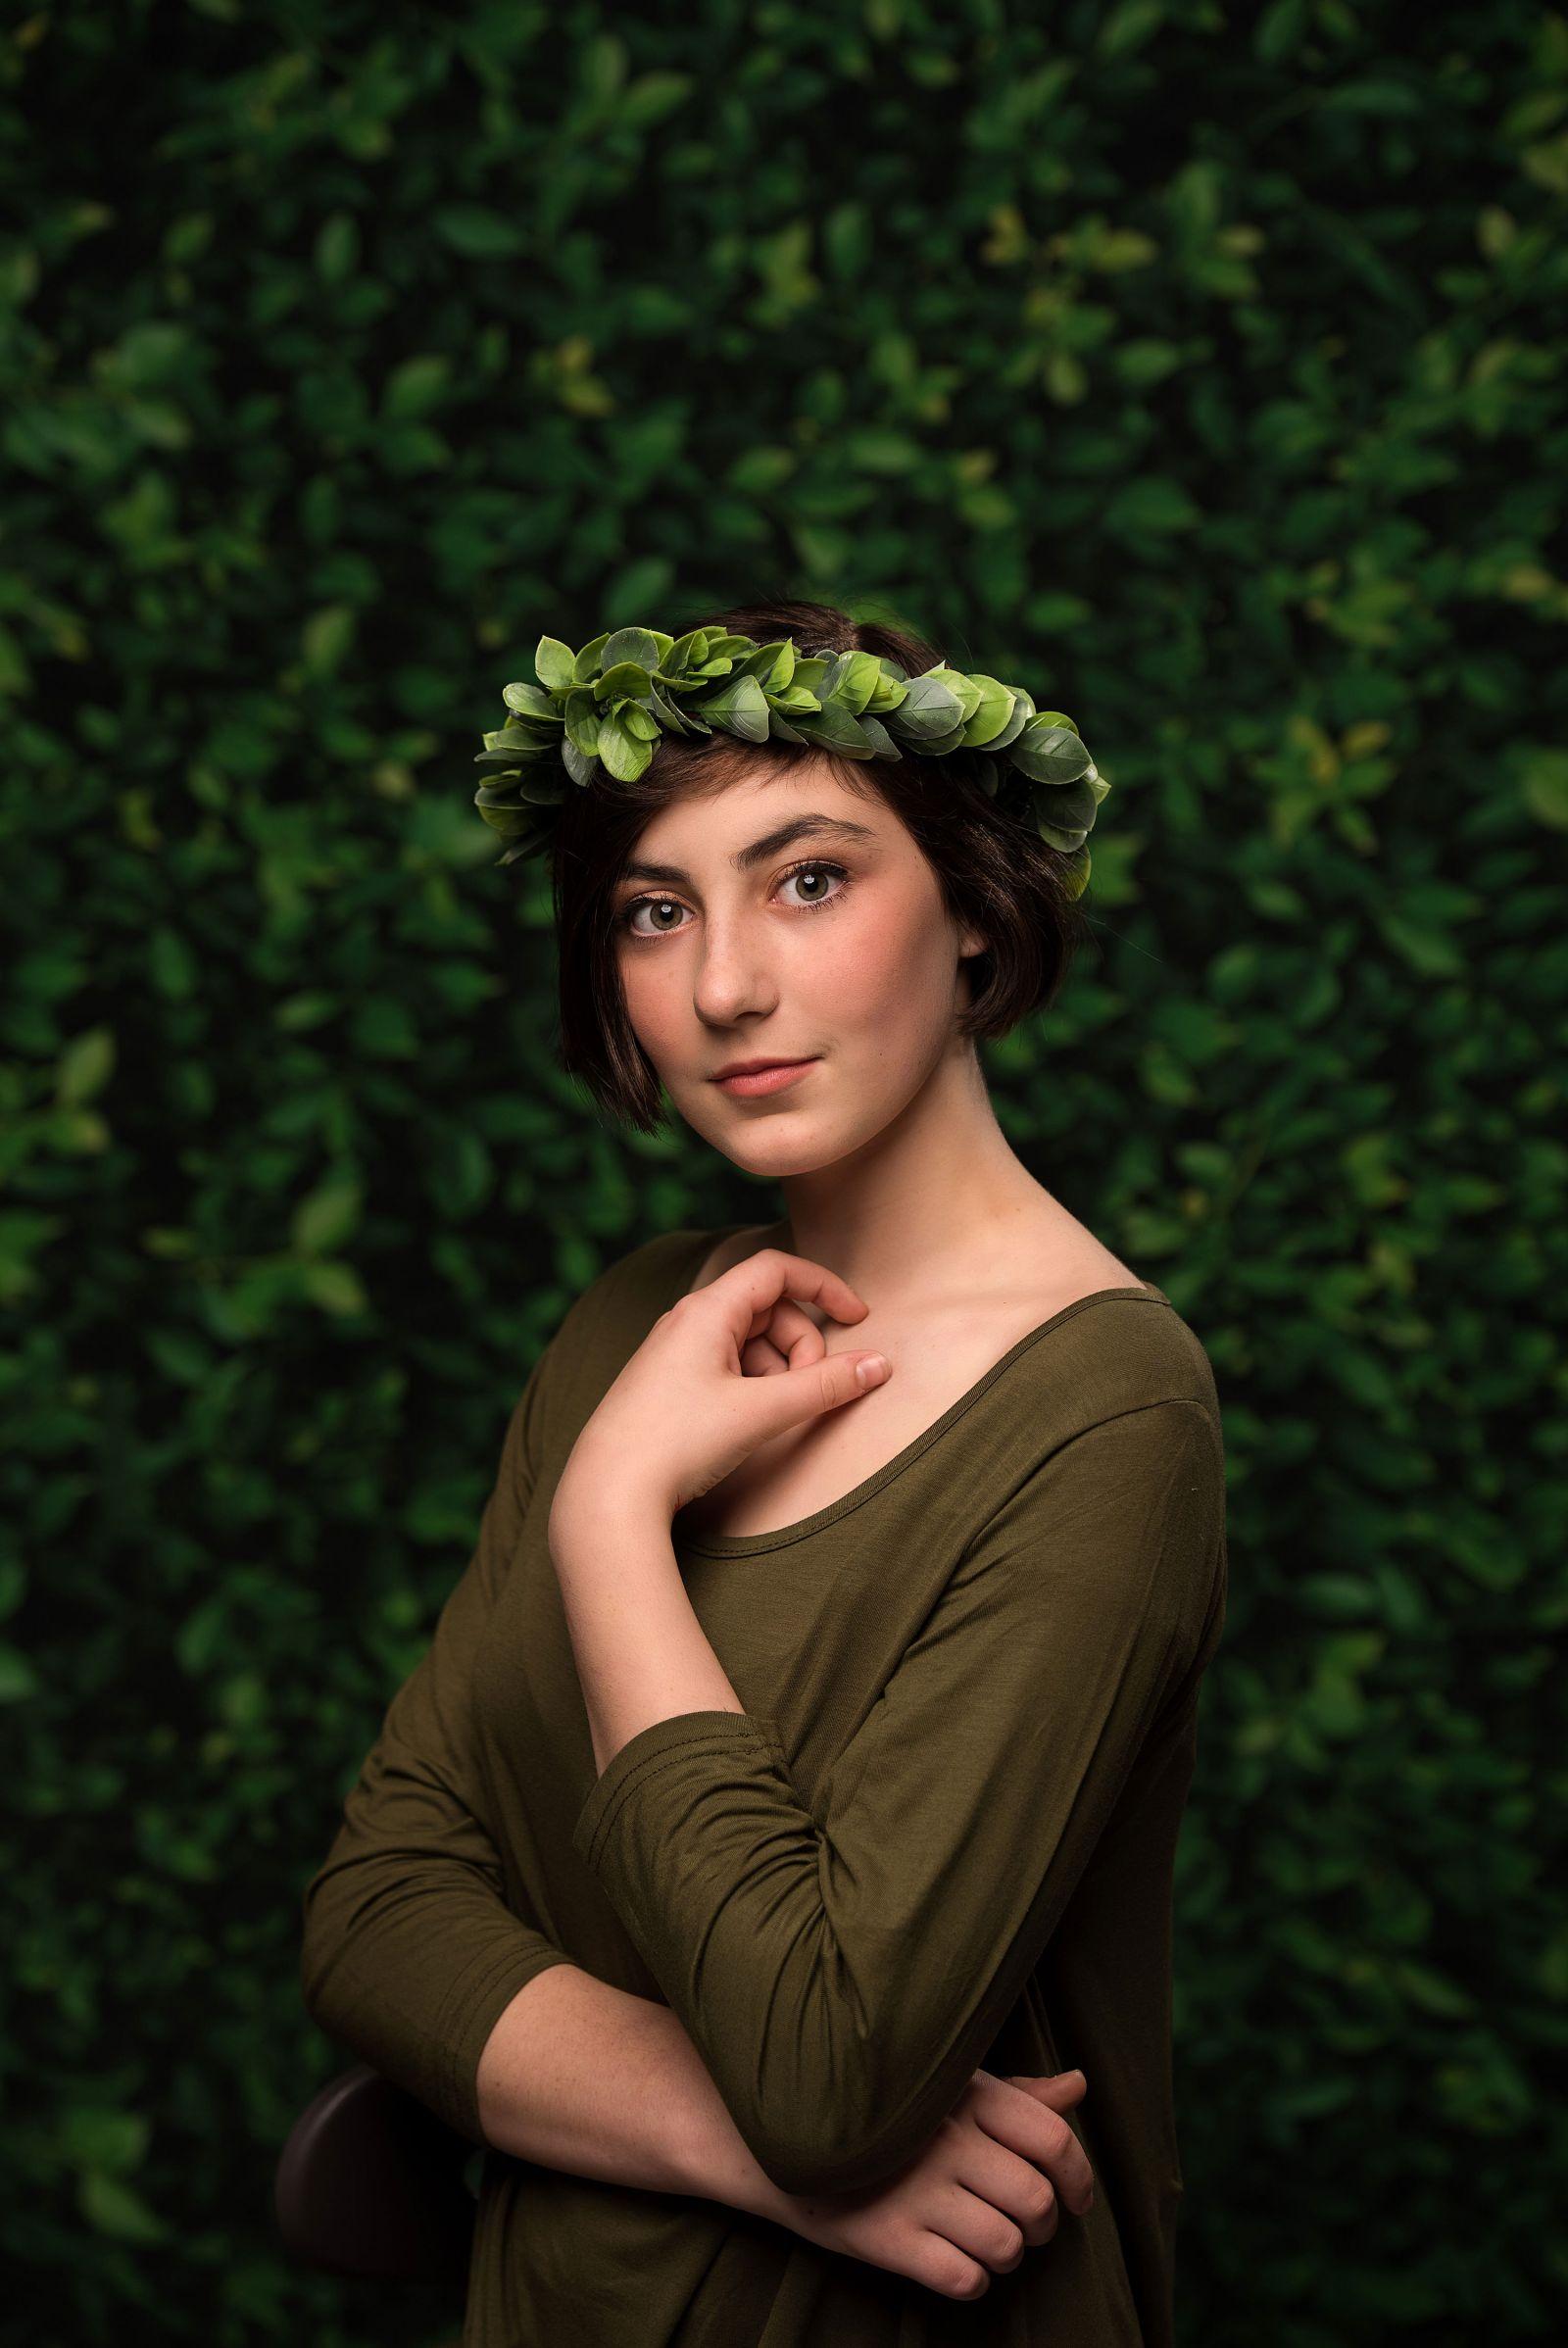 fine art portrait greenery